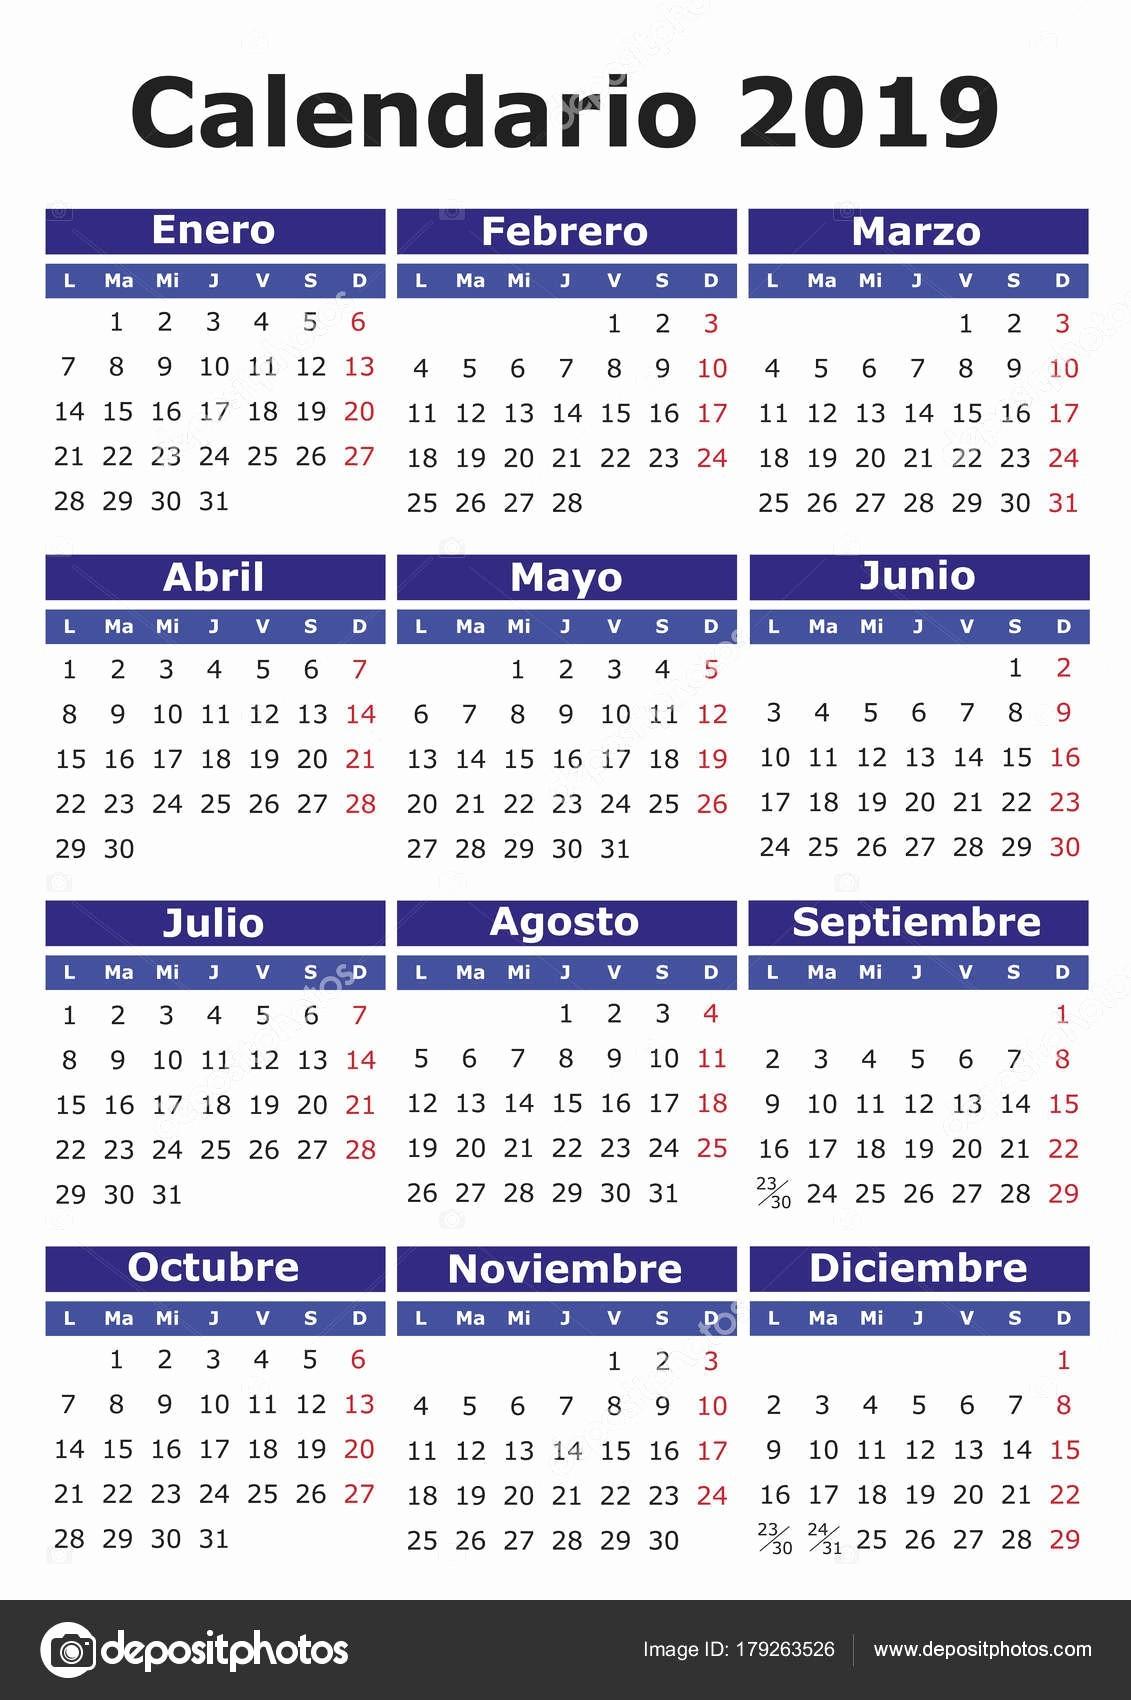 calendario 2019 colombia con festivos y semana santa para imprimir mas recientemente liberado calendario cronologico 2019 calendario 2019 immagini calendario 2019 of calendario 2019 colombia